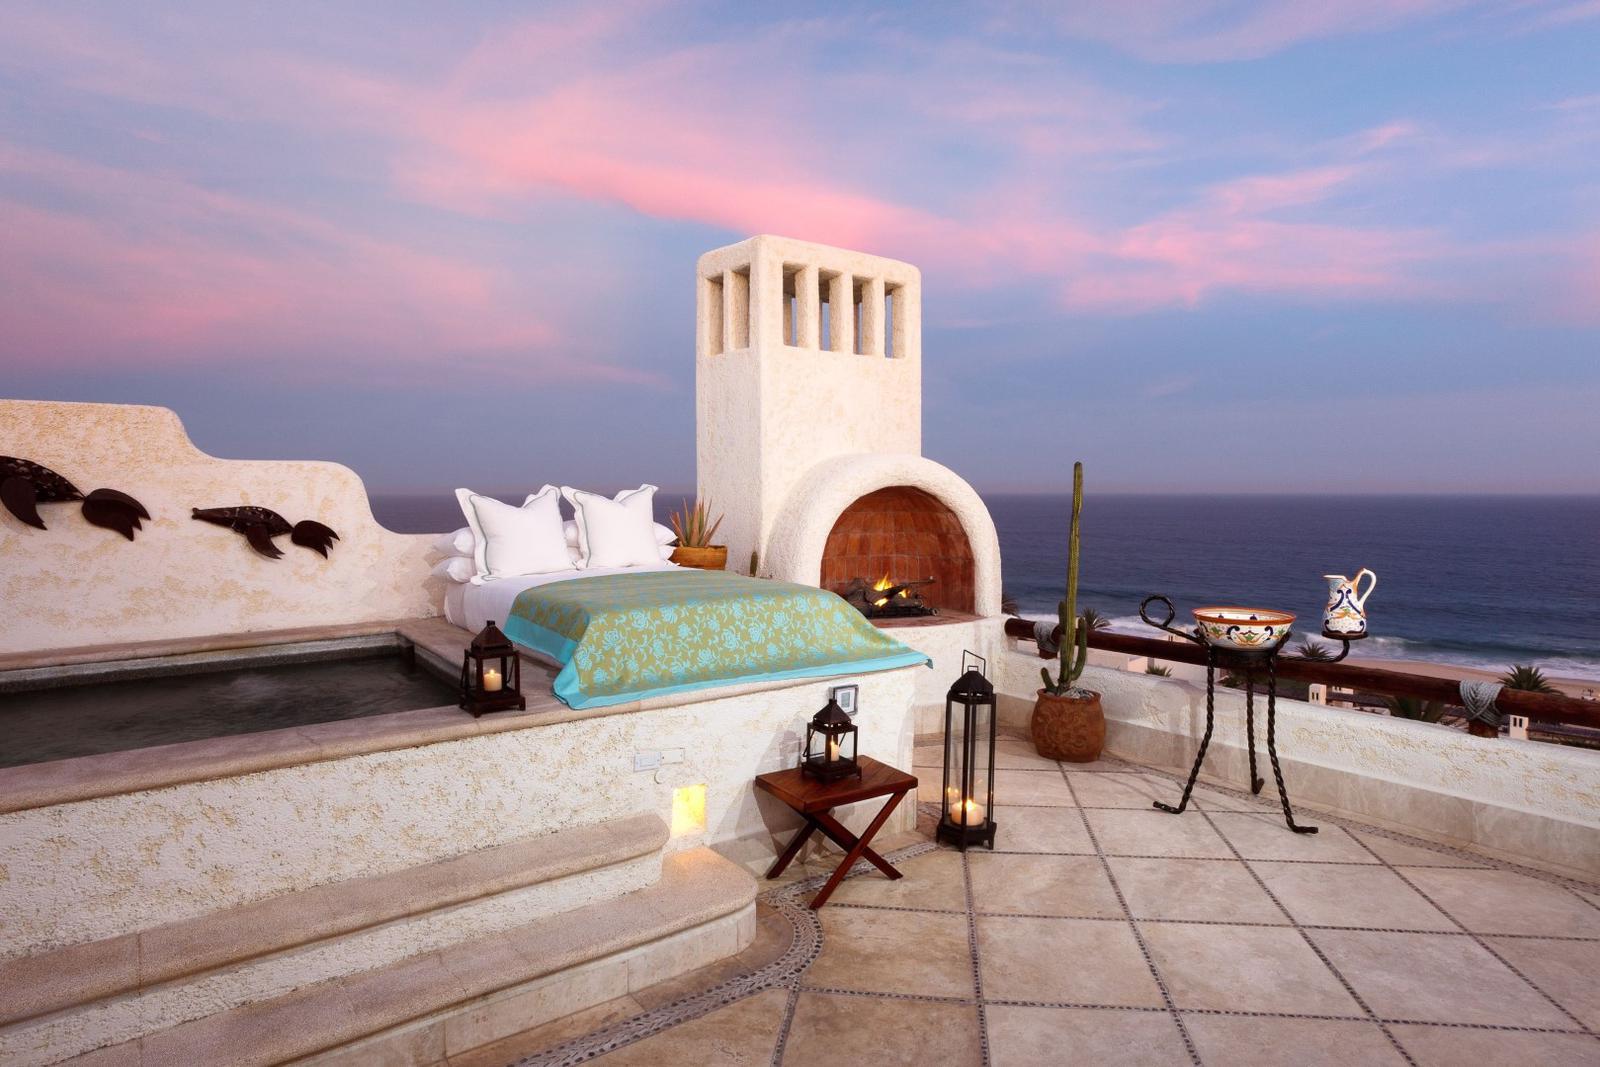 hoteles para ver las estrellas ventanas_camaterraza